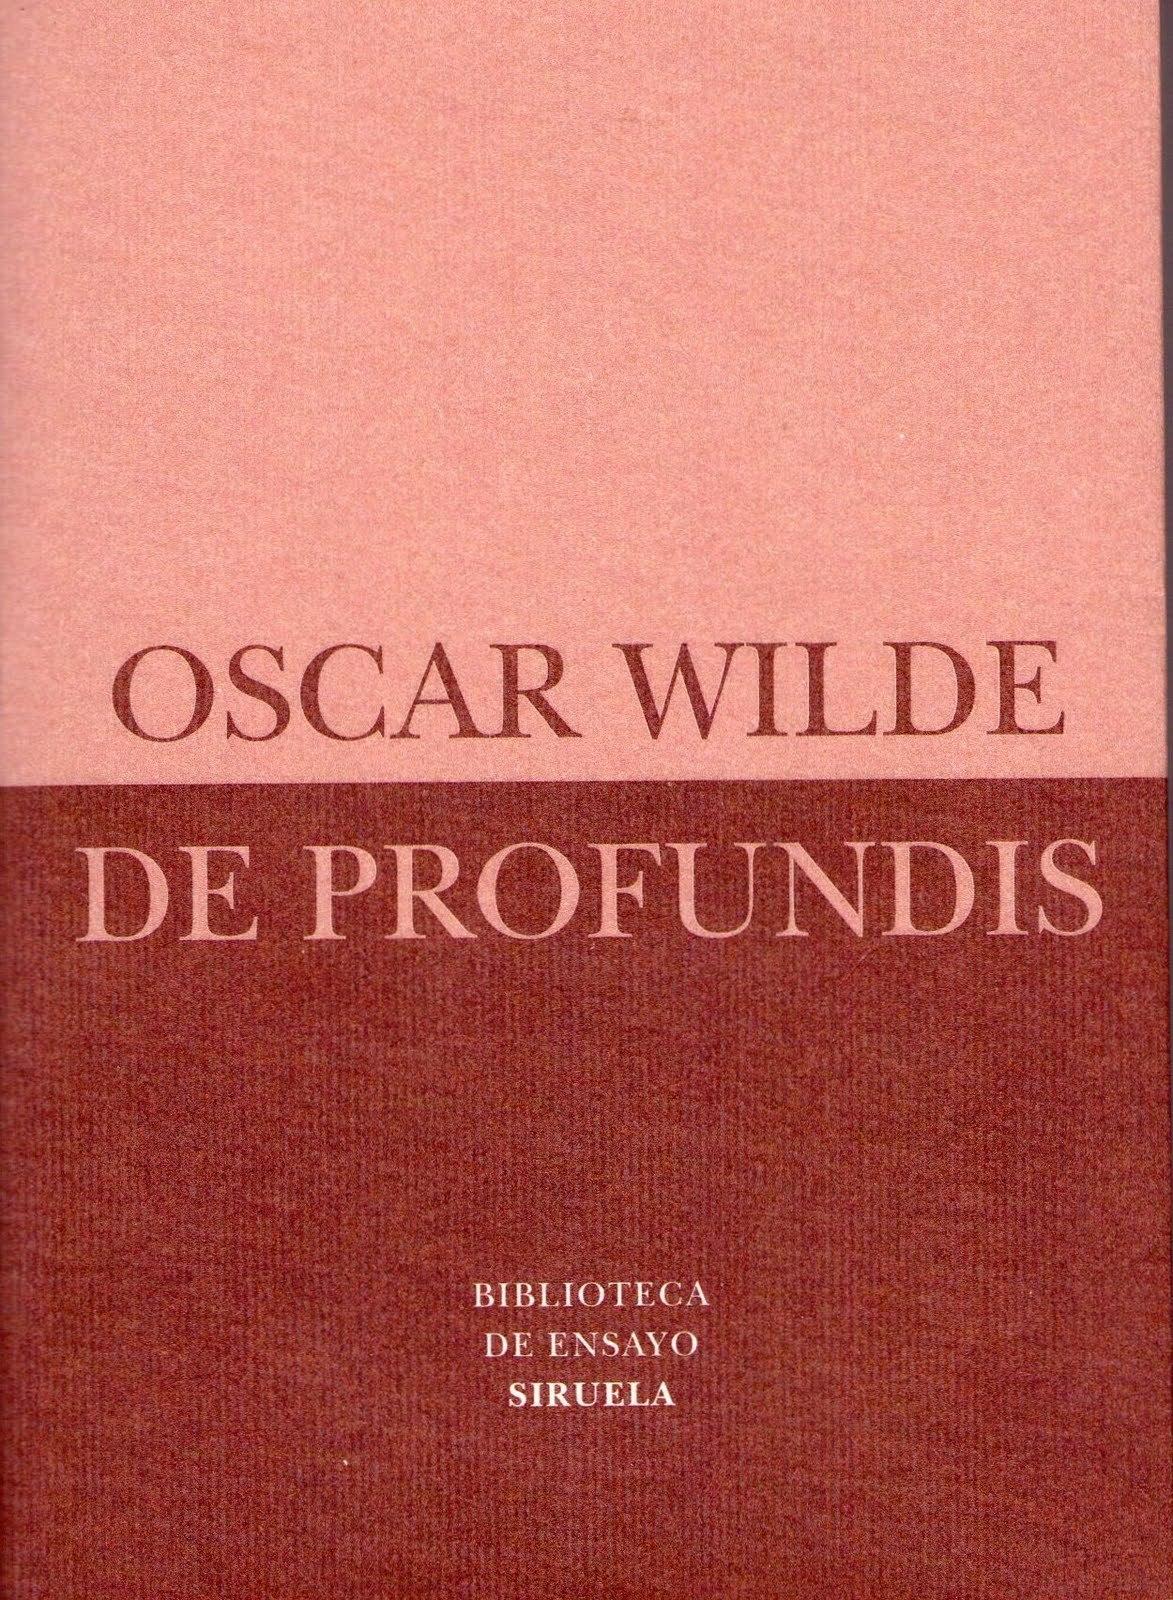 Portada del libro «De profundis», de Oscar Wilde